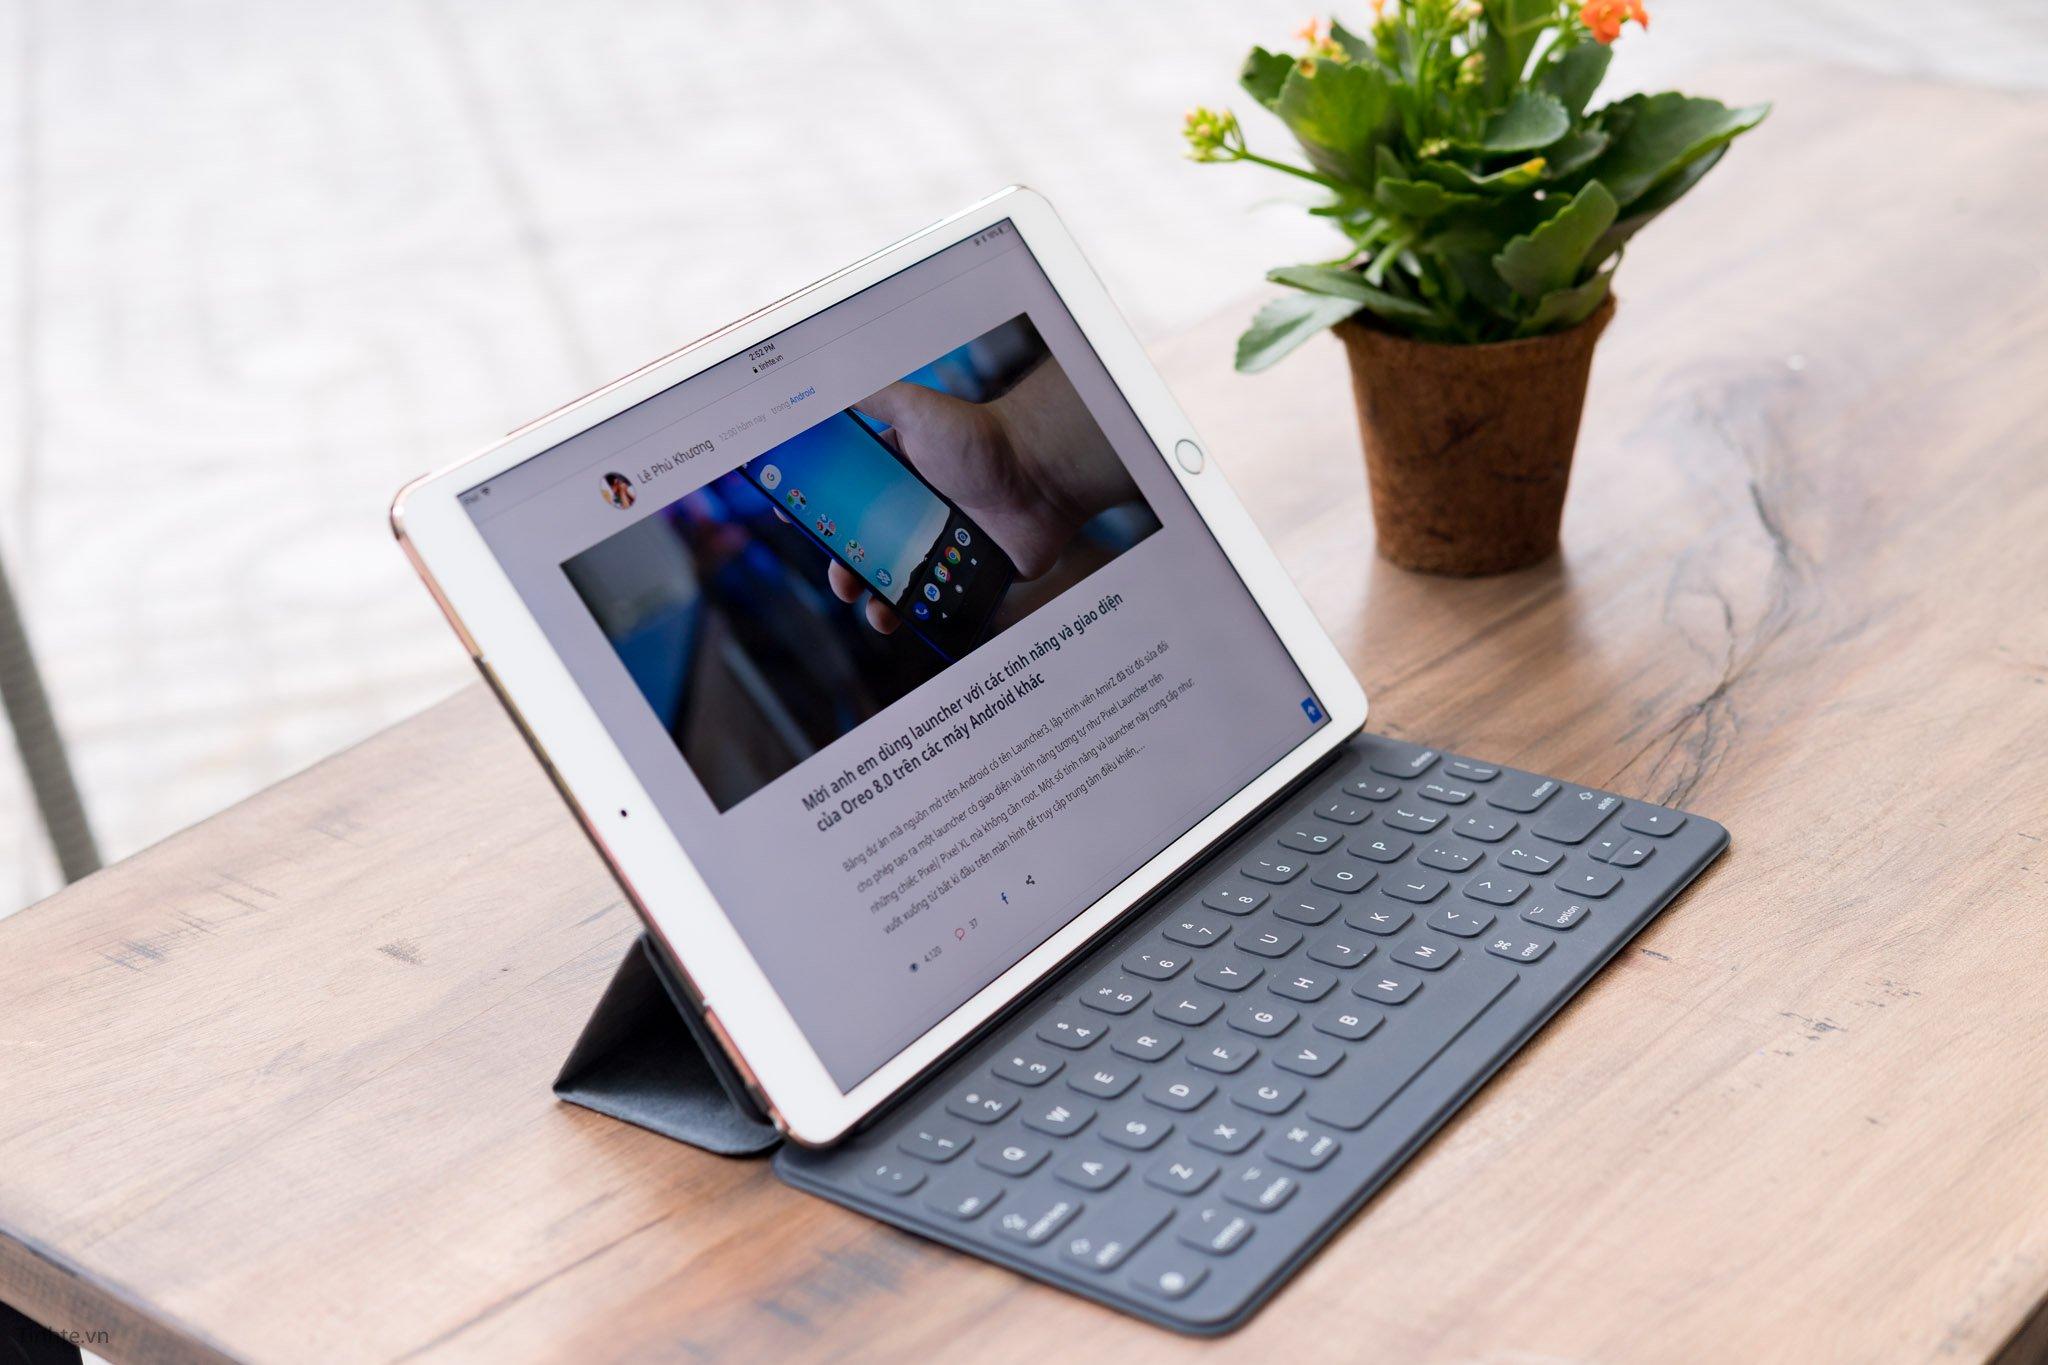 iPad_go_ban_phim.jpg